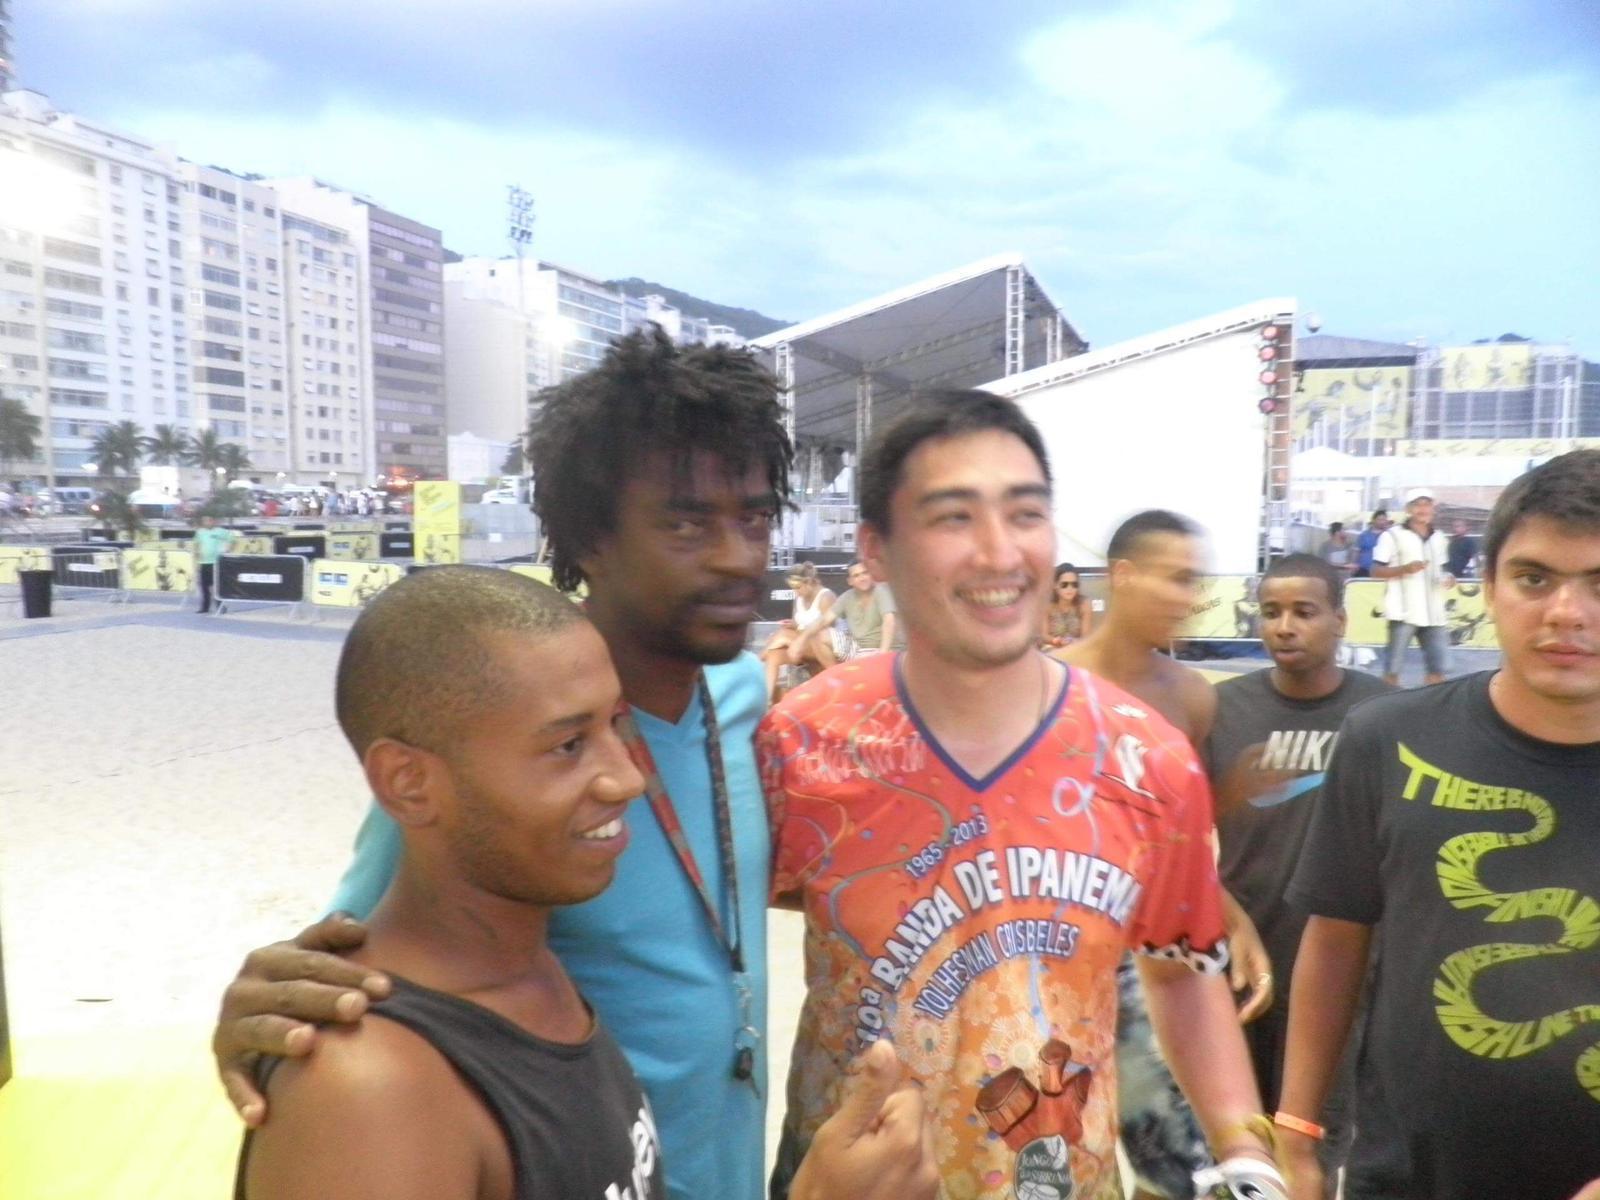 【動画シリーズ◉スタート】有名無名様々なブラジル人や世界の人たちが語るKEITA BRASILとは?#QuemehKeitaBrasil ? Darlan Lucas da IMPERATRIZ_b0032617_13484265.jpg